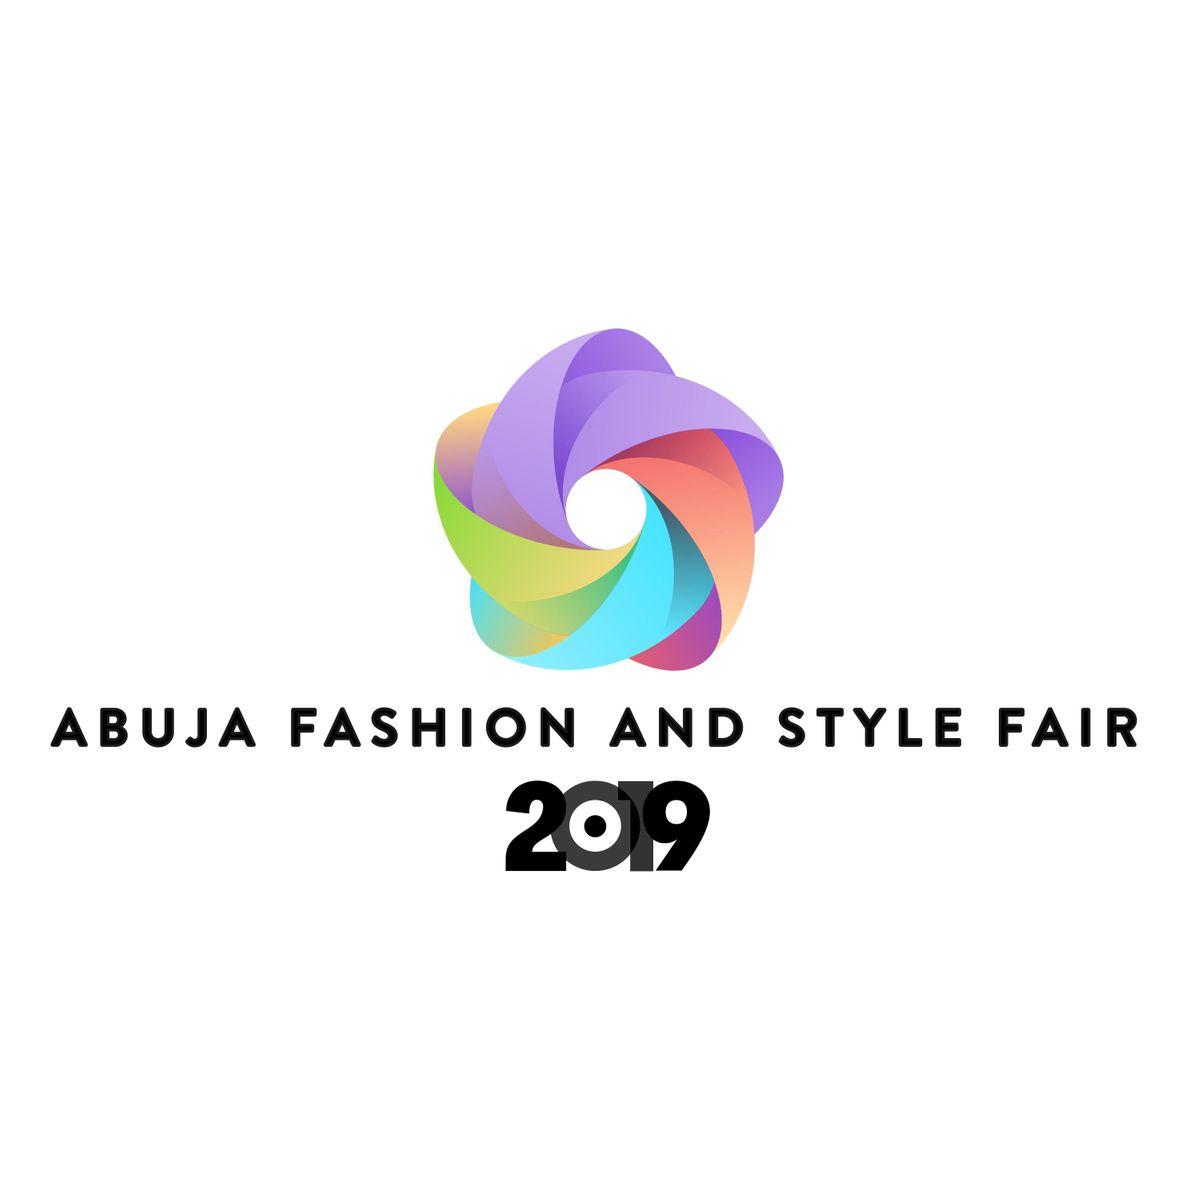 ABUJA FASHION & STYLE FAIR